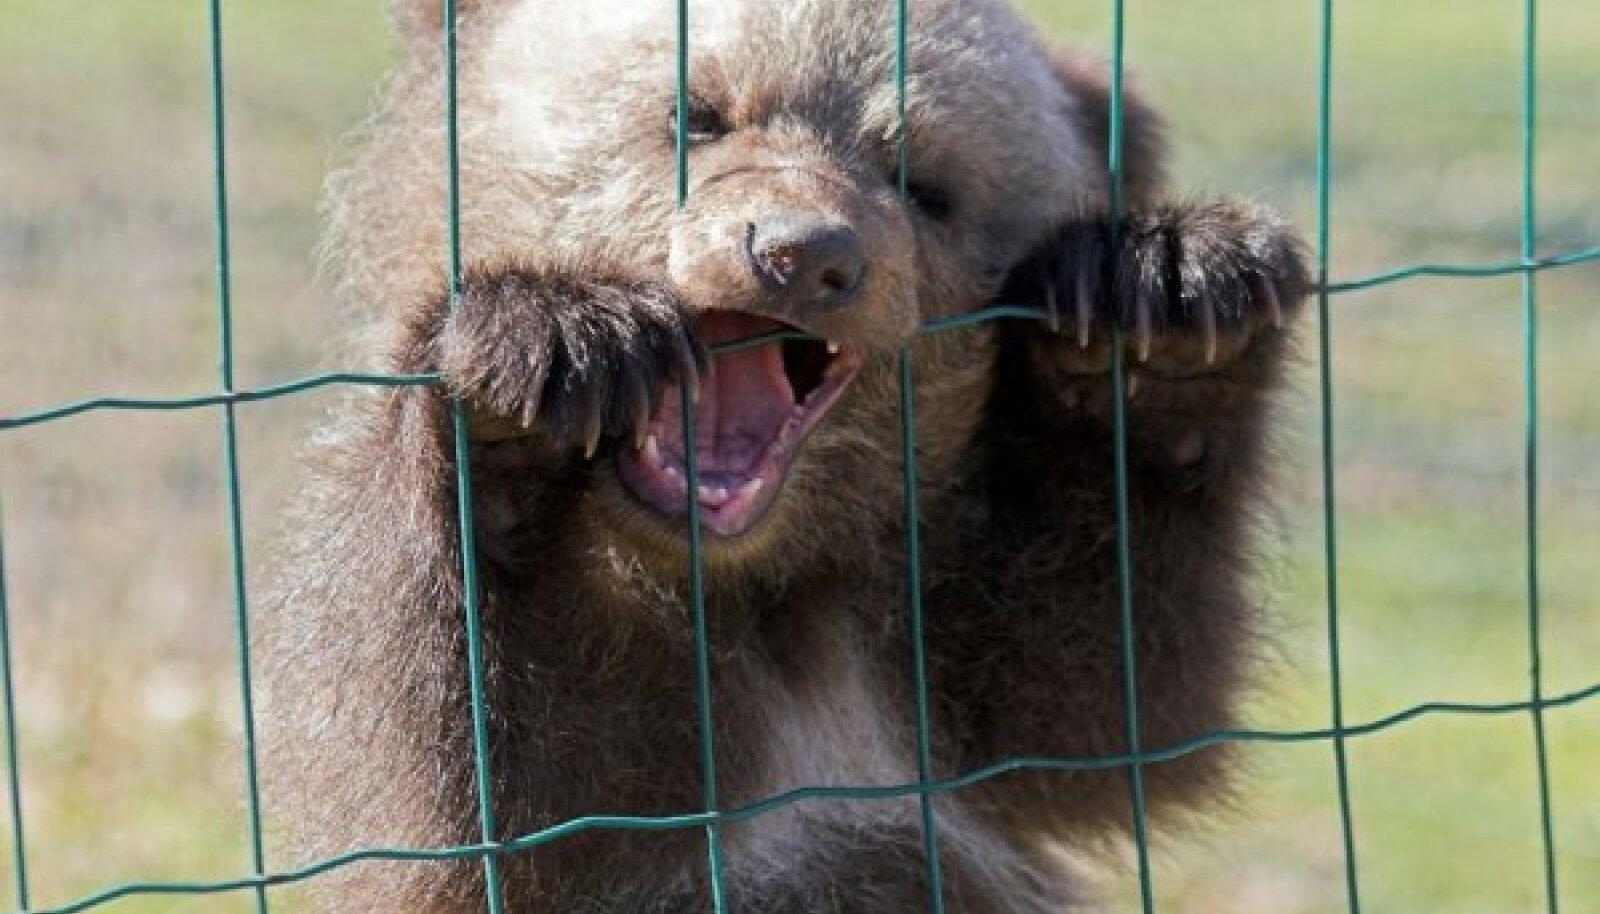 Uuring selgitas, et Eesti karupoeg Päntu on oma geenide poolest väga sarnane Põhja-Euraasia karudega. Võimalik,  et tema esivanemad elasid Aasias.